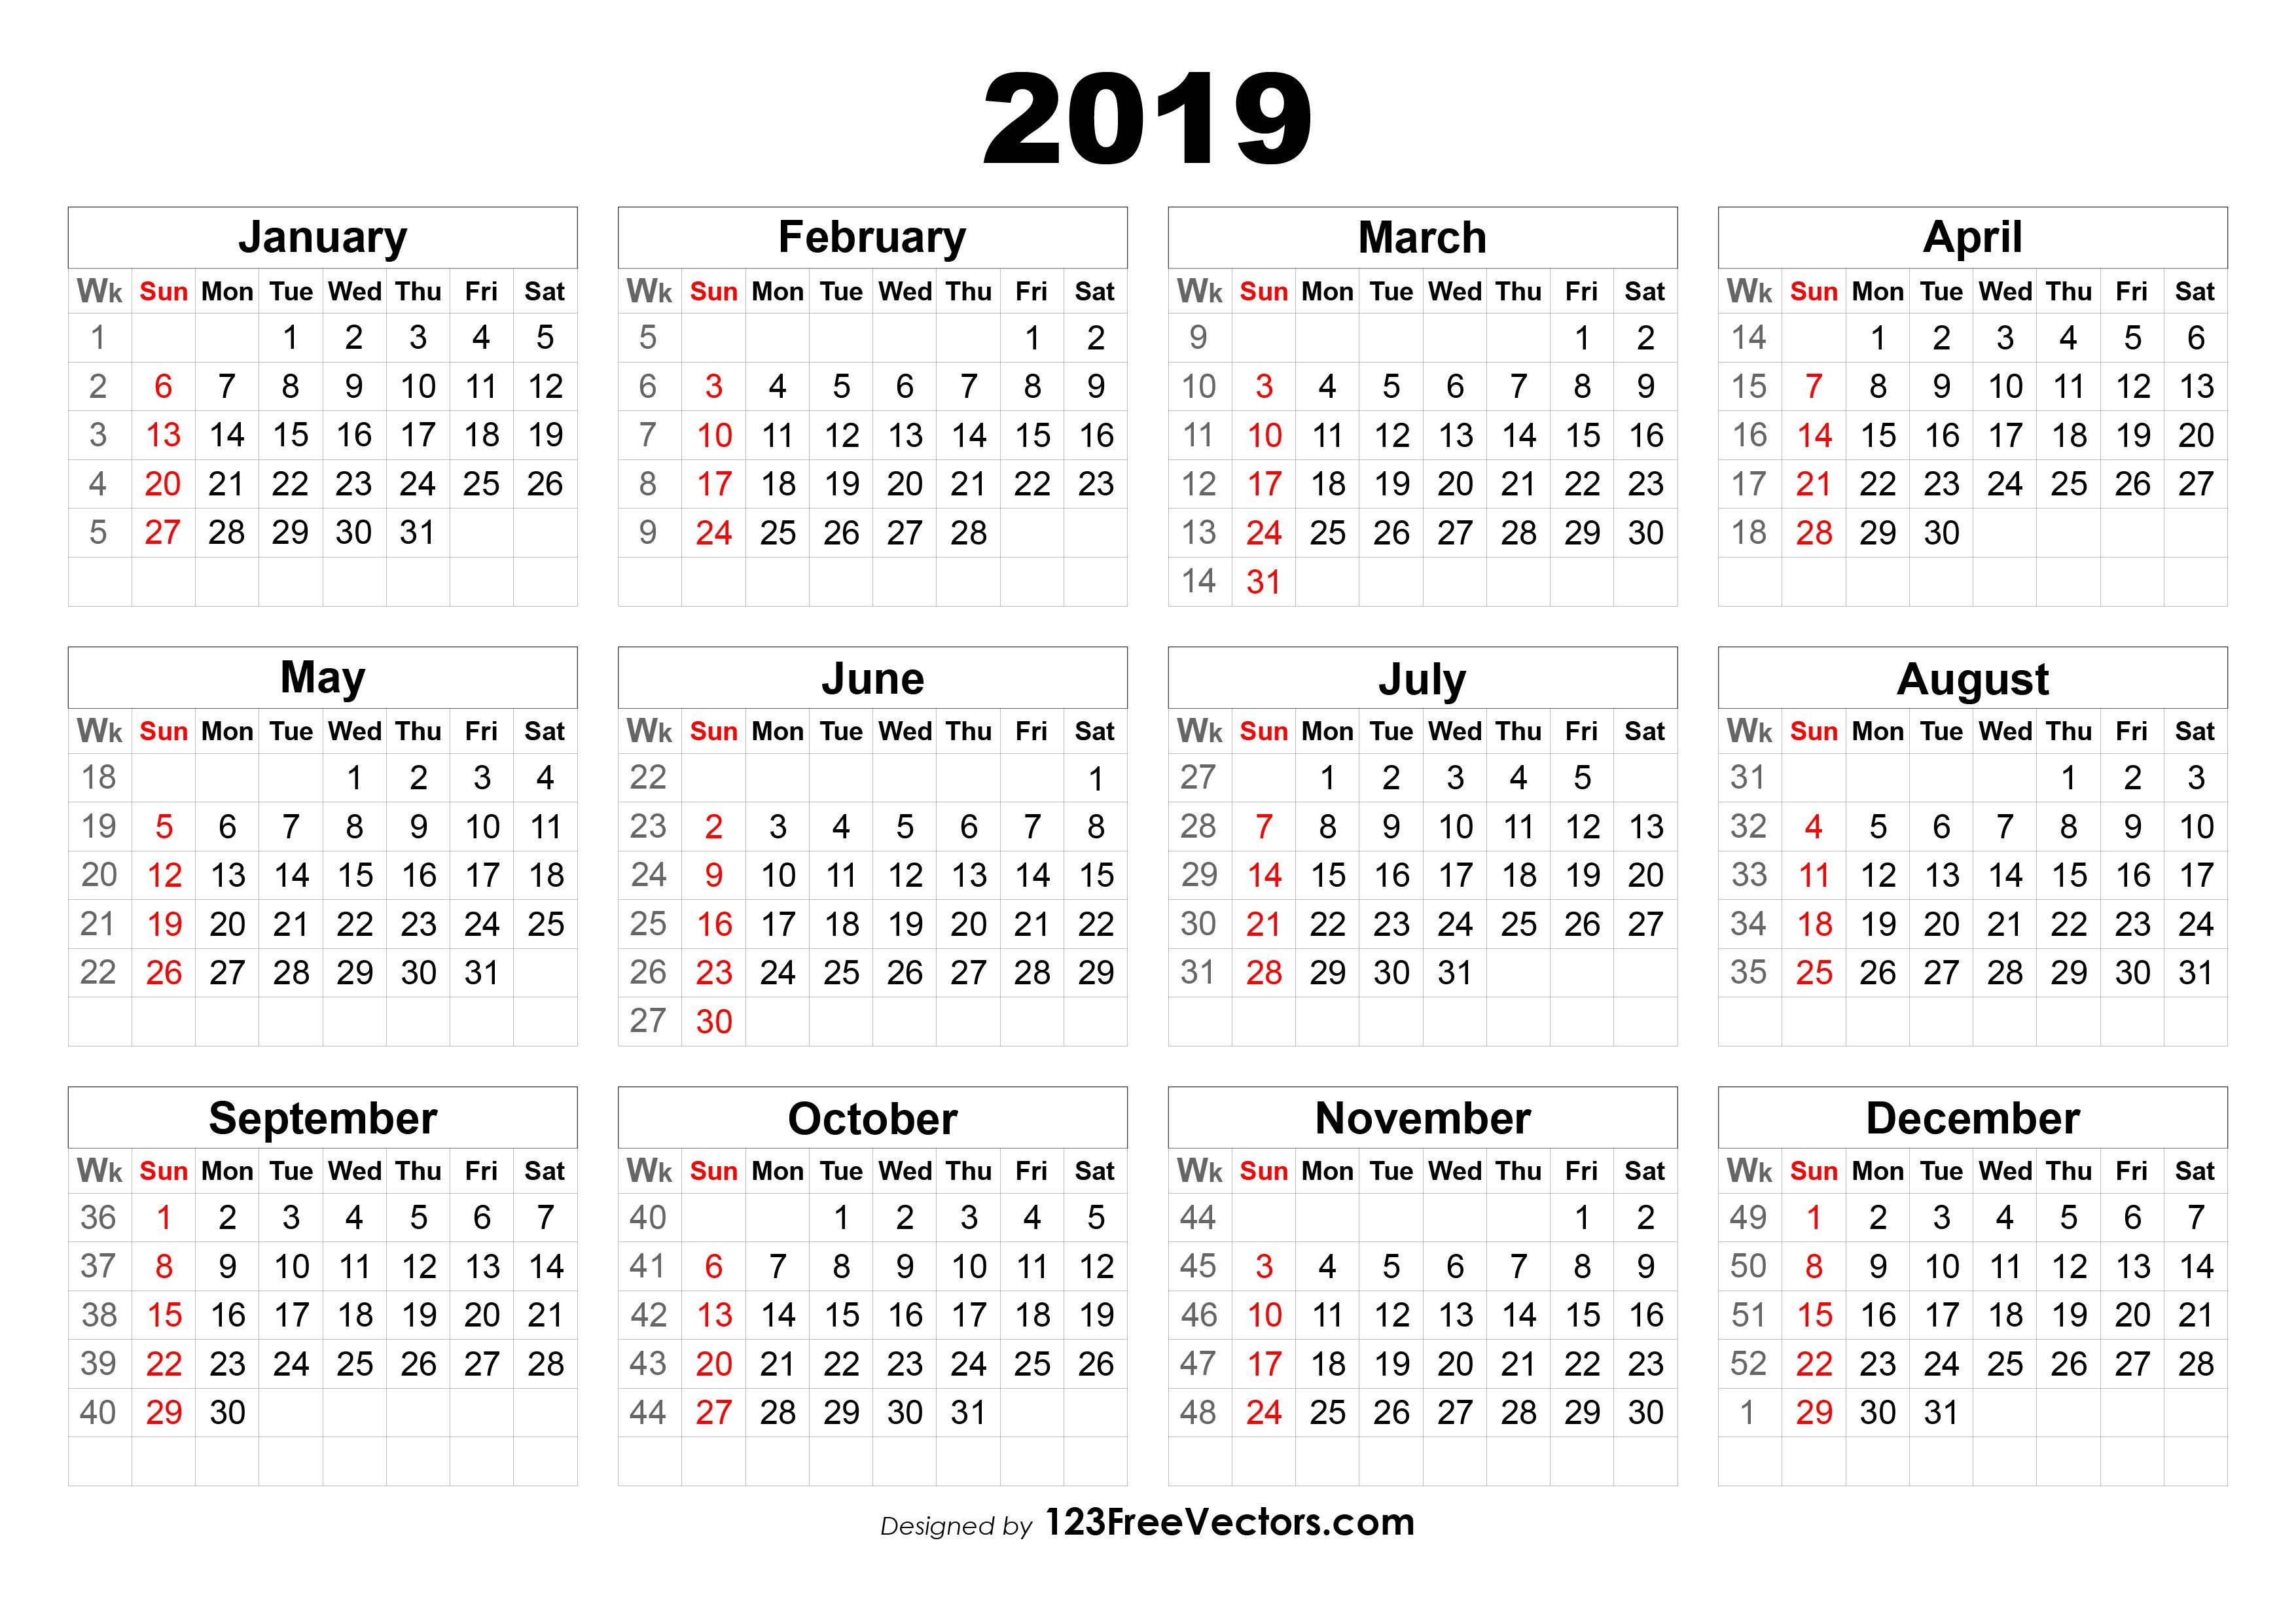 2019 Calendar With Week Numbers 2019 Calendar 52 Weeks